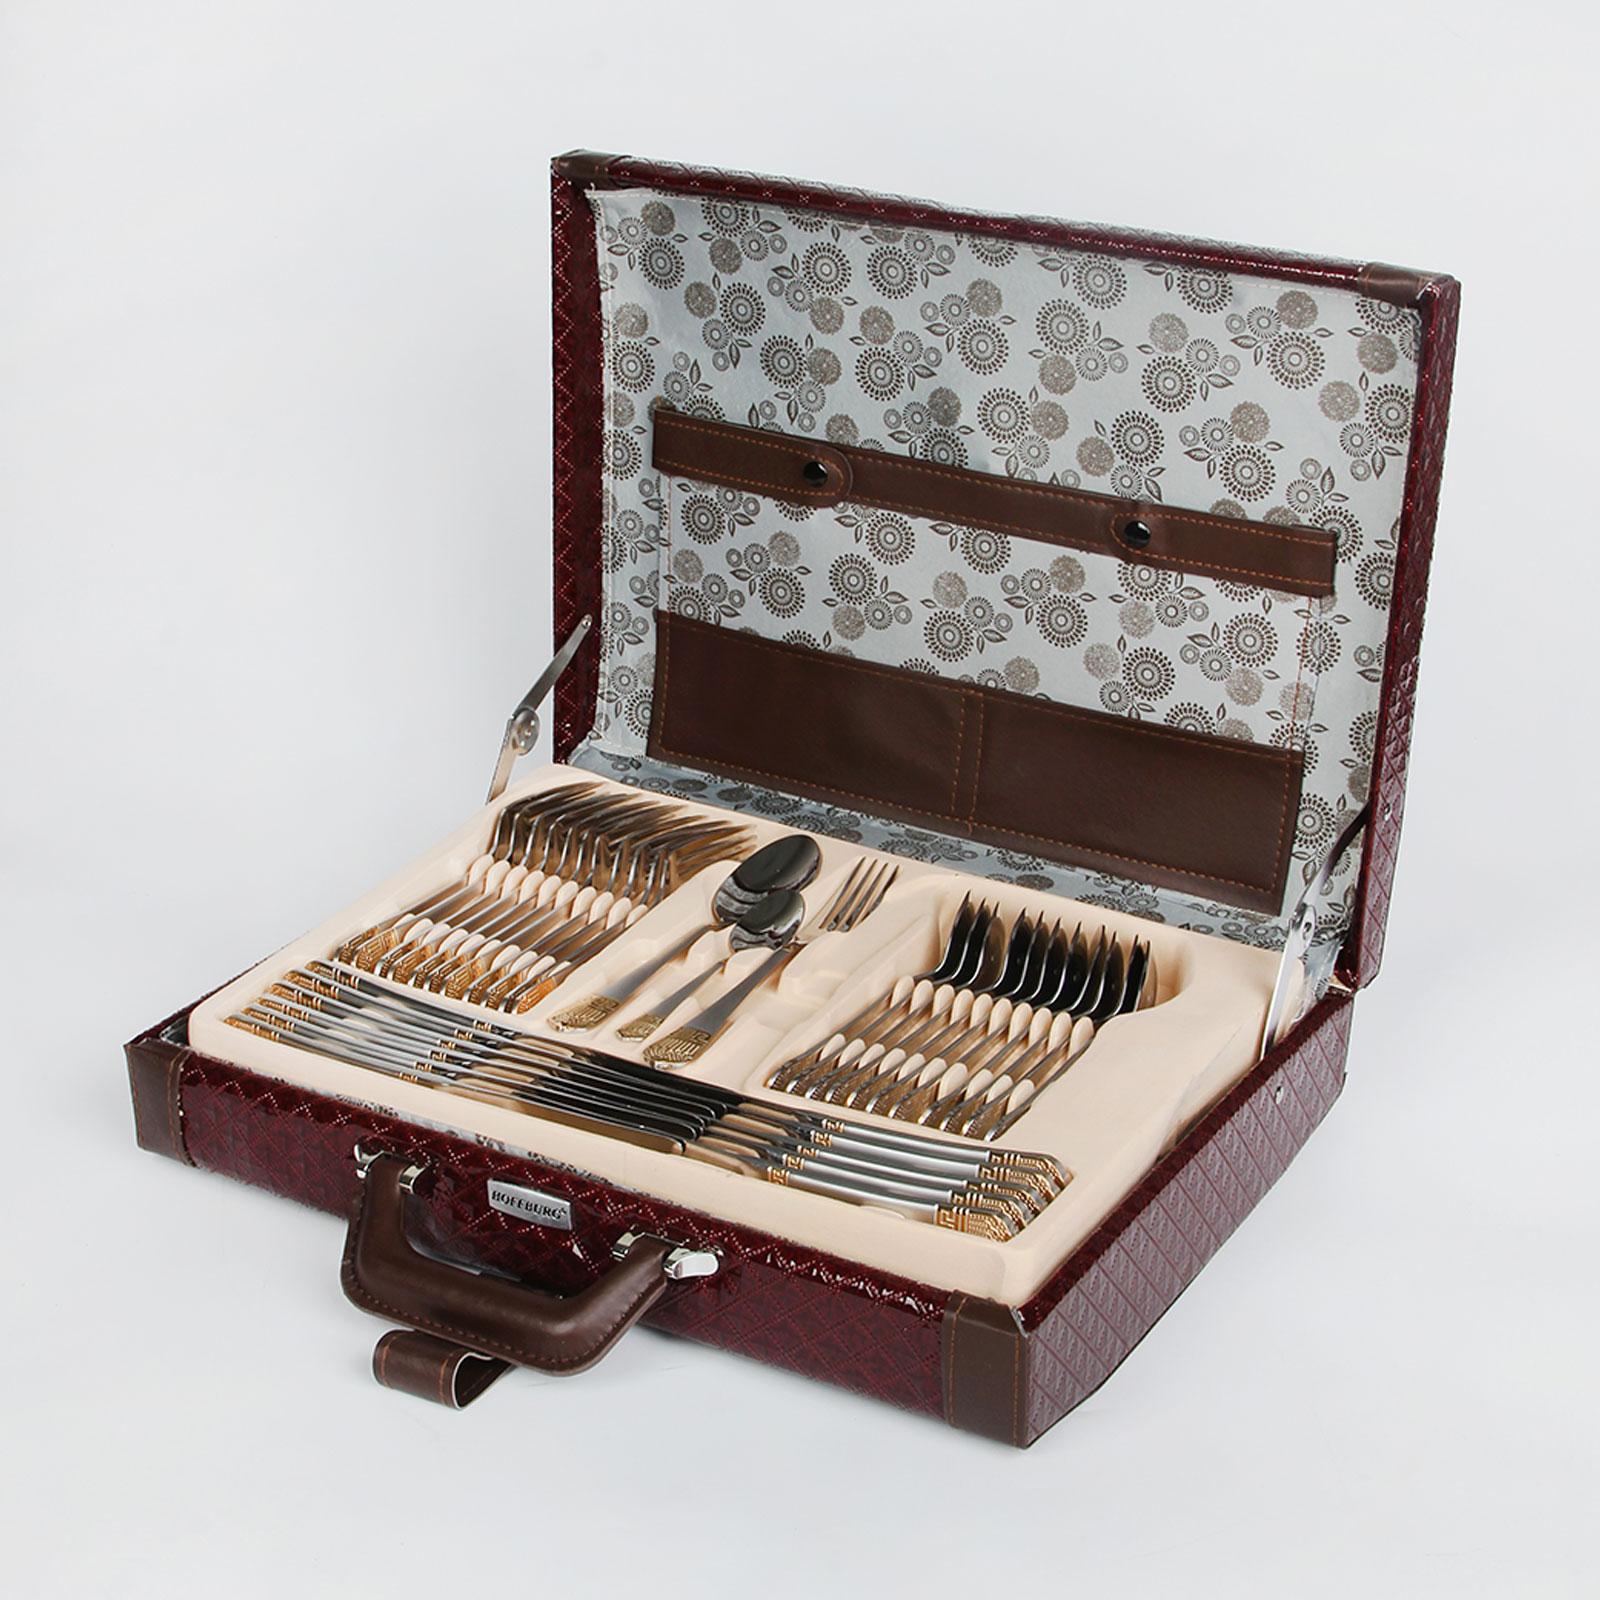 Набор столовых предметов Шарм от HOFFBURG набор кухонных ножей hoffburg 6 предметов hb 60100